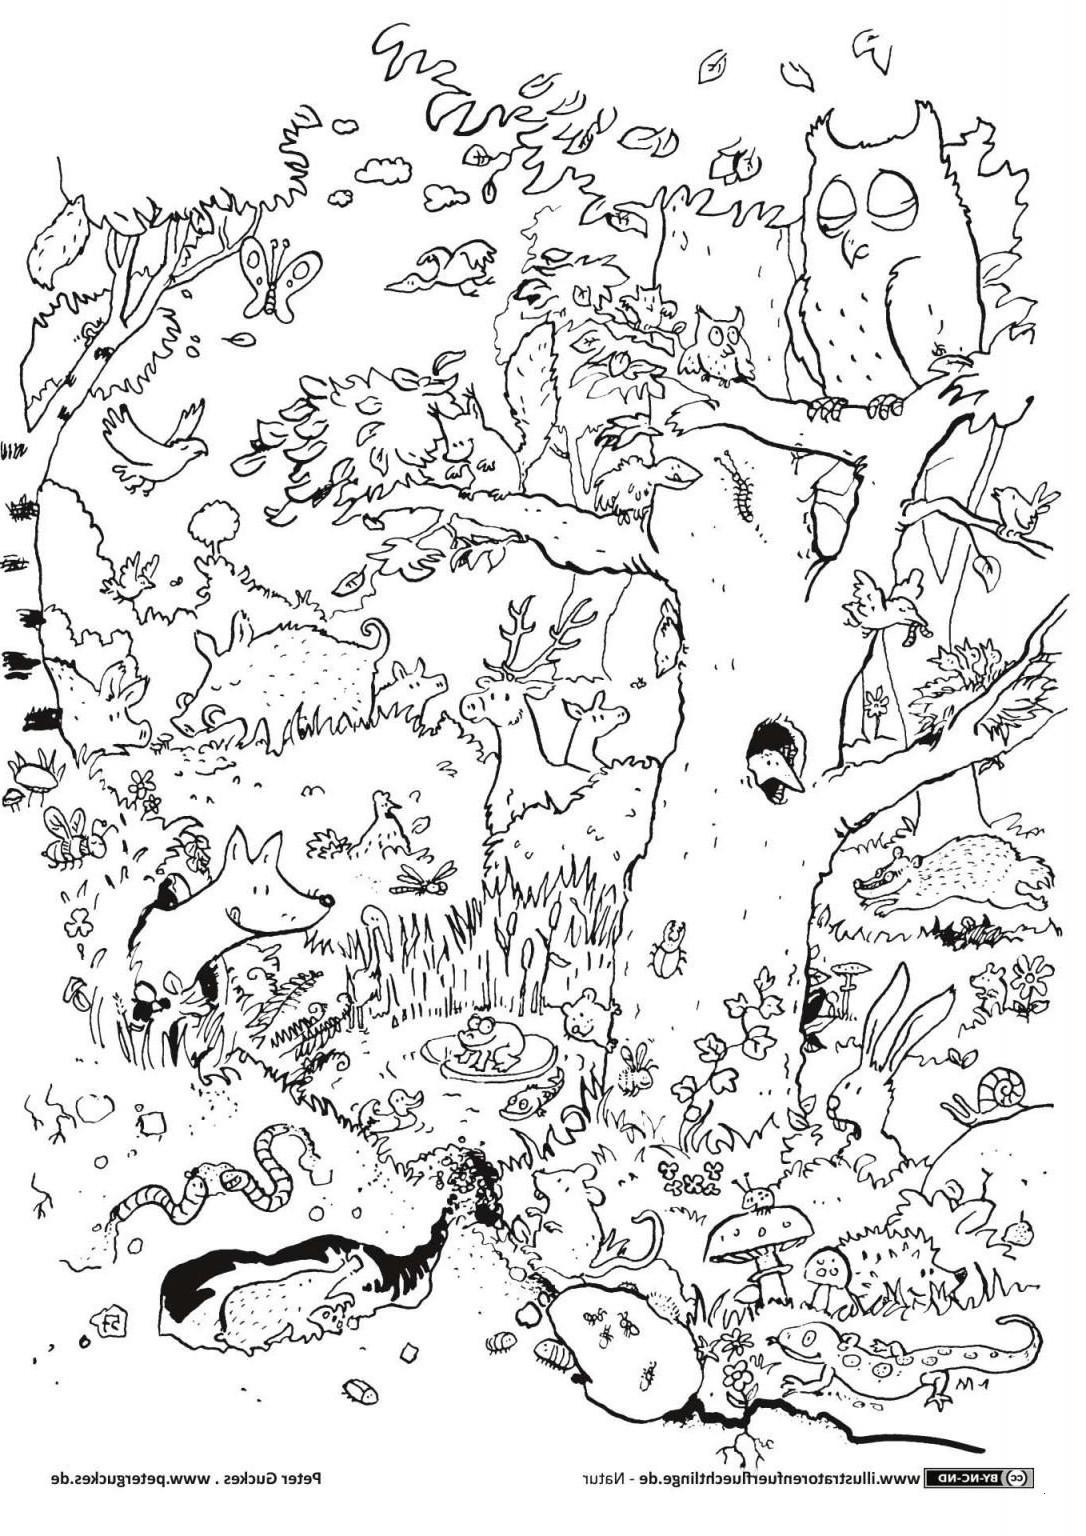 Nashorn Zum Ausmalen Einzigartig 28 Neu Krone Zum Ausmalen – Malvorlagen Ideen Bild